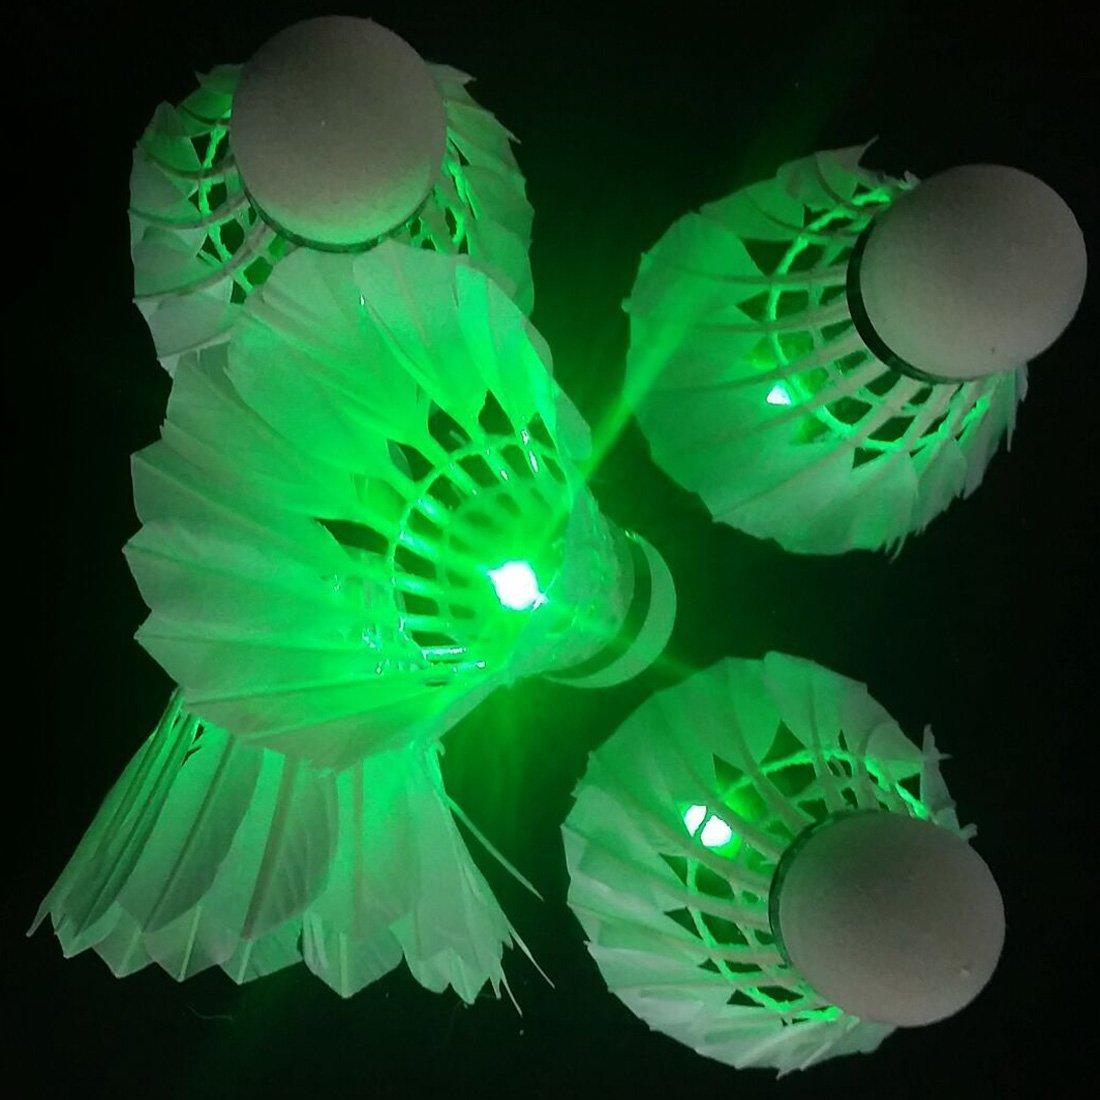 Verde - Verde